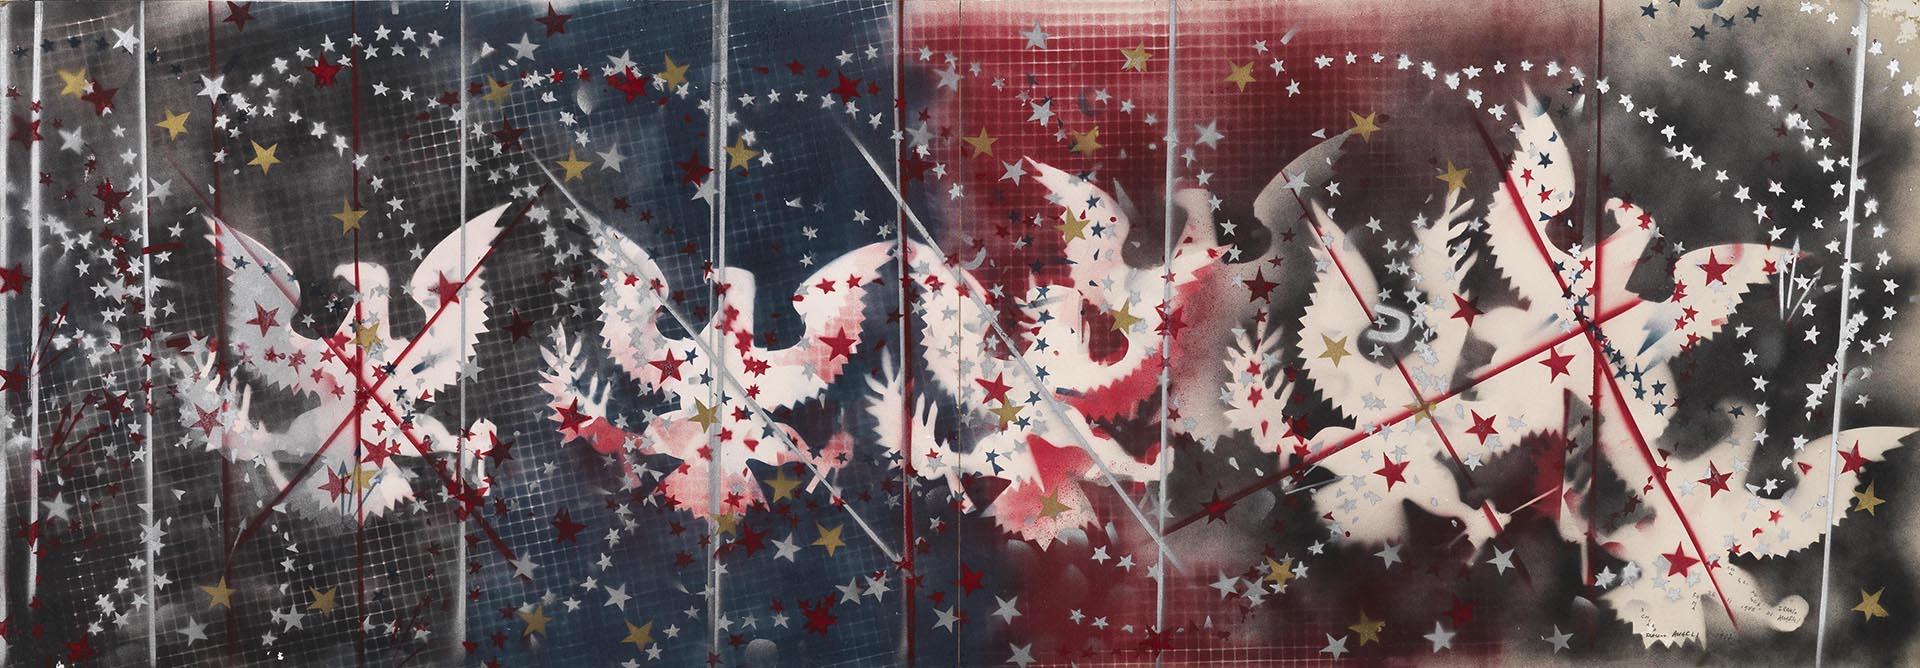 Angeli, Senza titolo, 1967, 70x199 cm